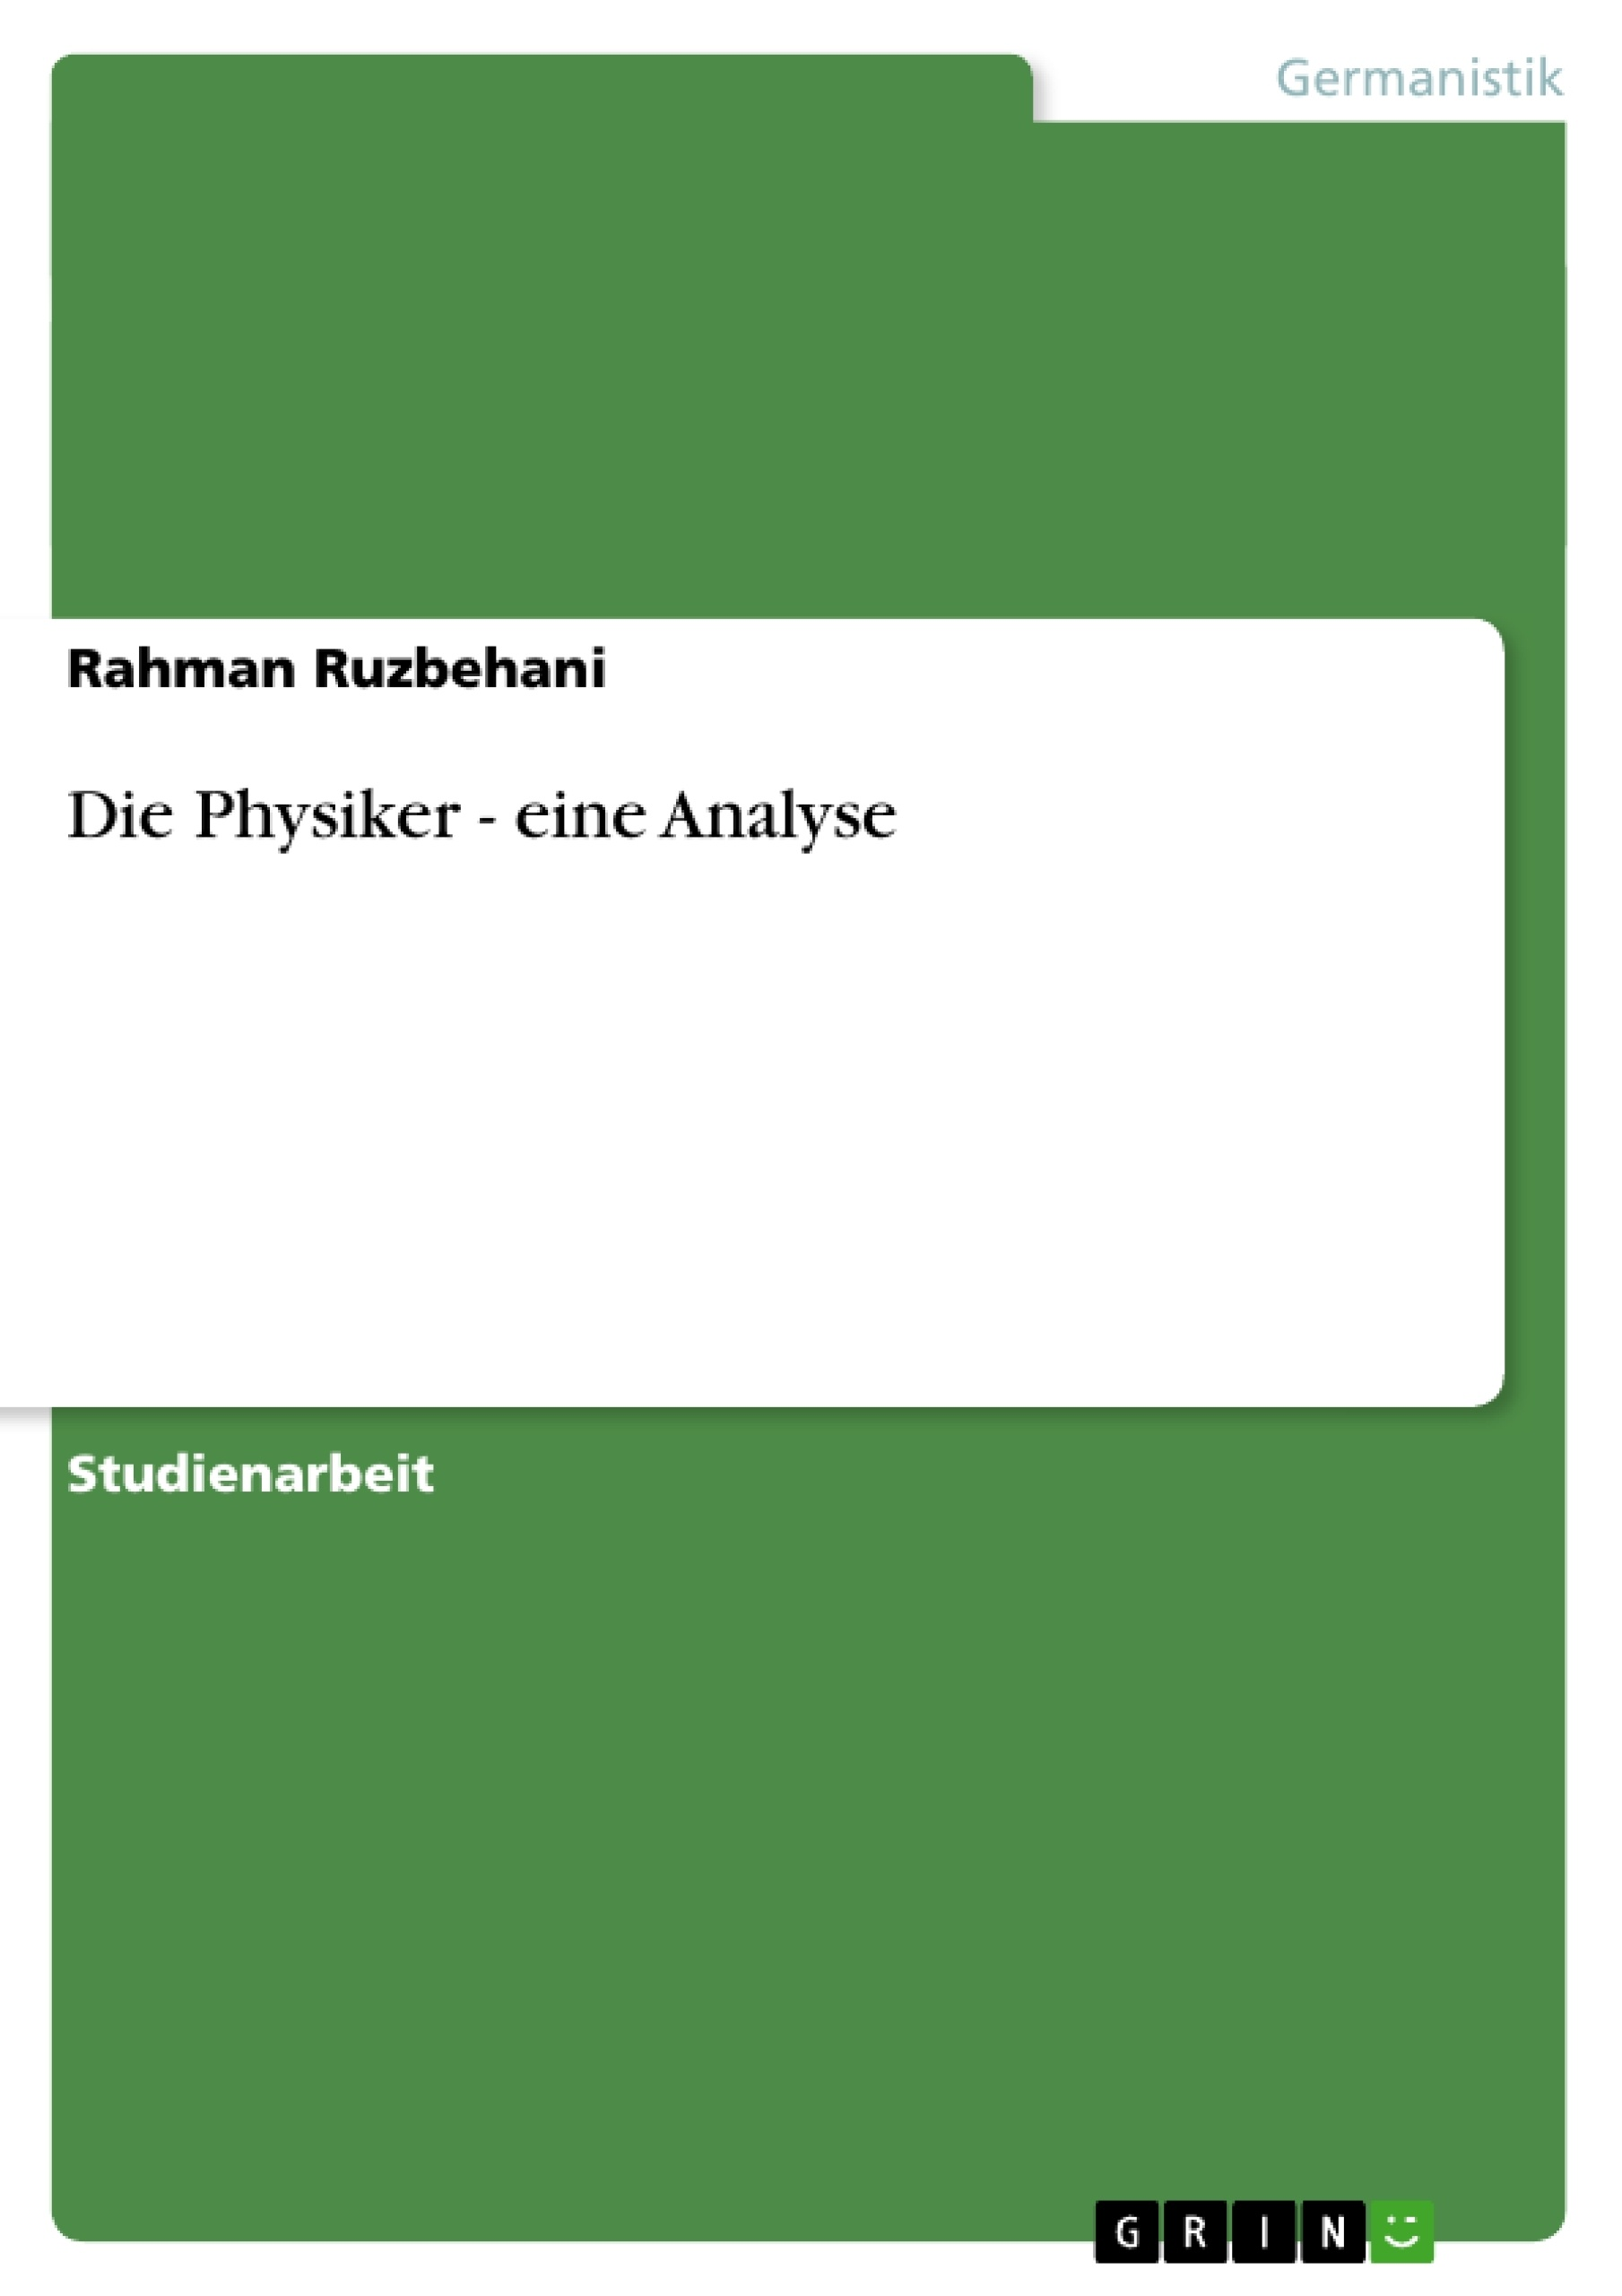 Titel: Die Physiker - eine Analyse